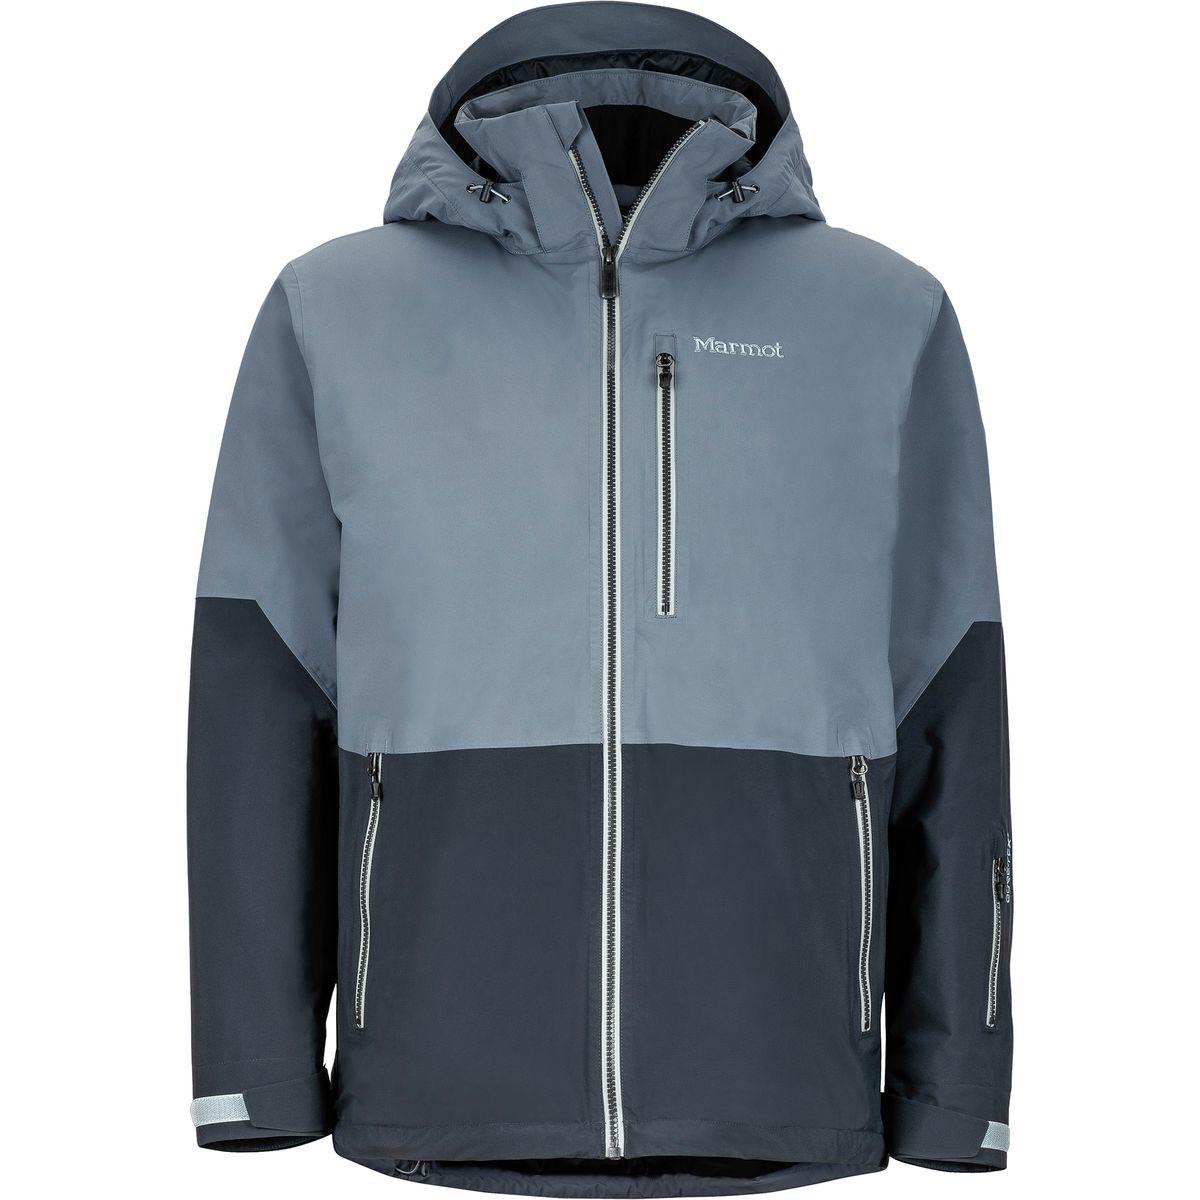 Marmot Contrail Jacket - Men